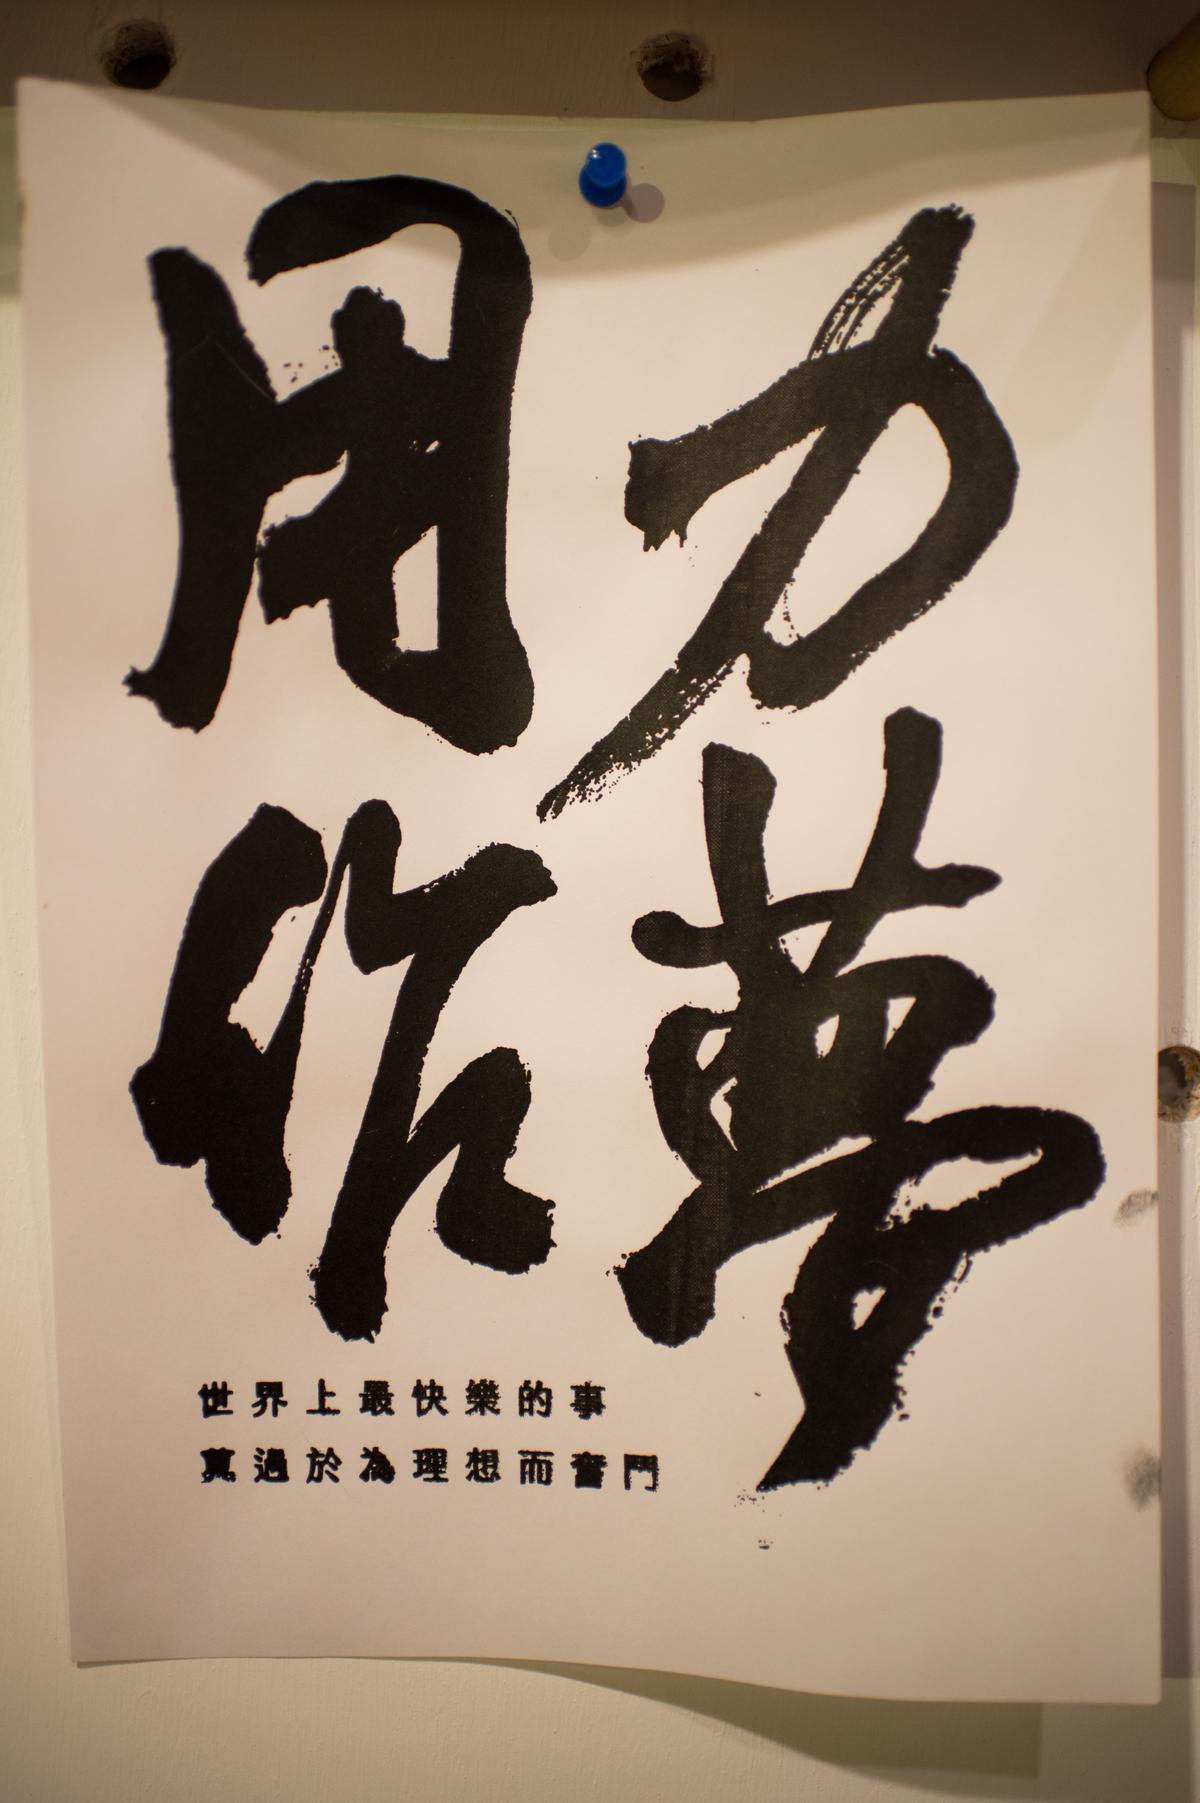 「用力作夢」4個字道盡阿輝的心聲。